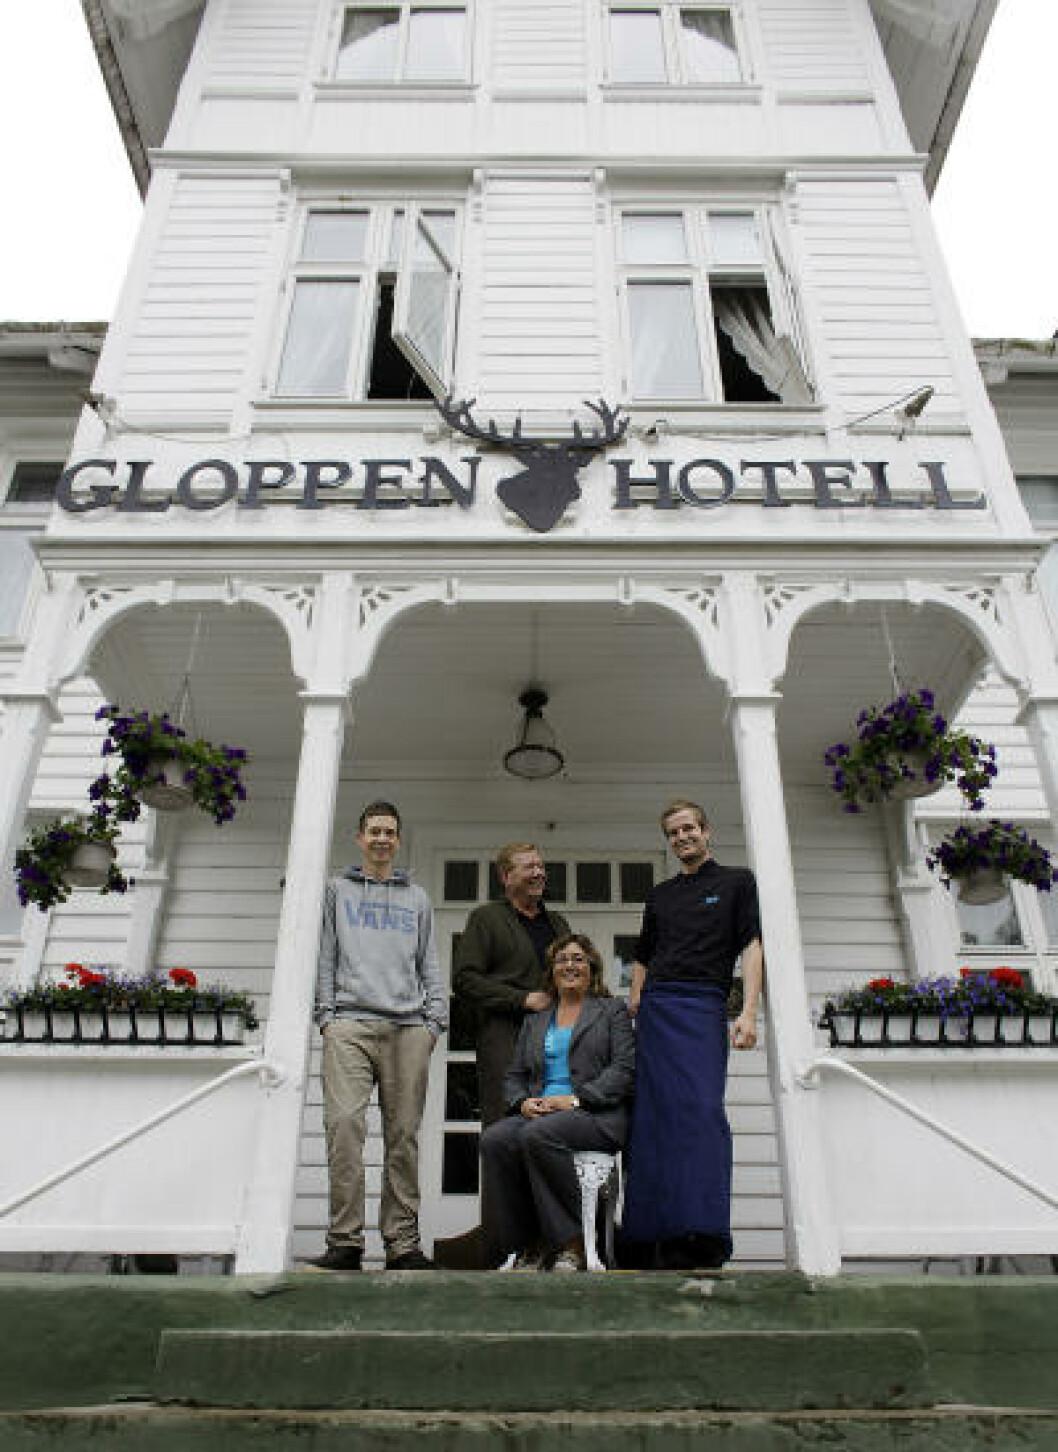 <strong>FAMILIEN:</strong> Gloppen hotel eies og drives av familien Moen. Fra venstre Dag Håkon (16), far Dag, mor Irene og Preben (20). Foto: OLE C. H. THOMASSEN